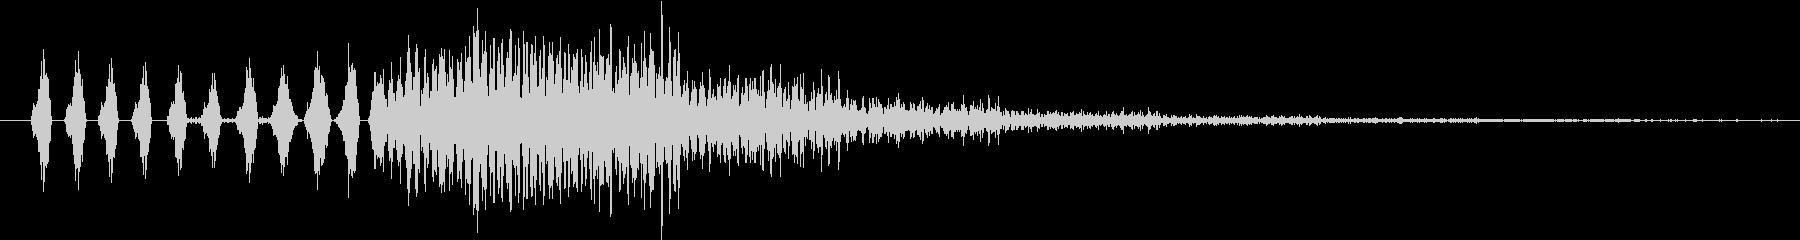 イメージ St音の声03の未再生の波形